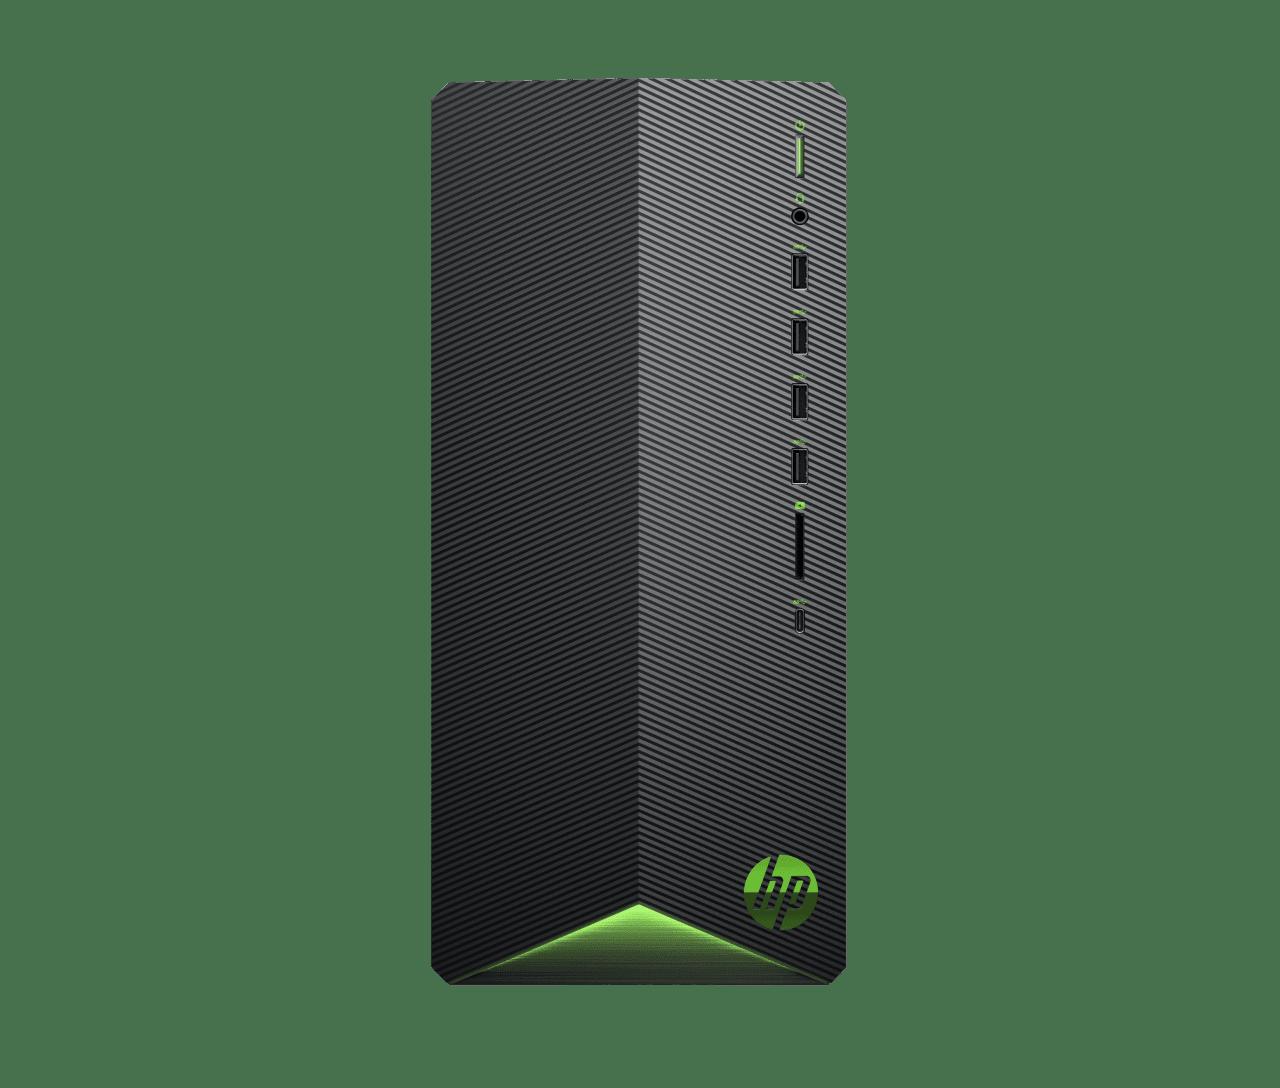 Schwarz HP Pavilion Gaming Desktop TG01-0020ng.1